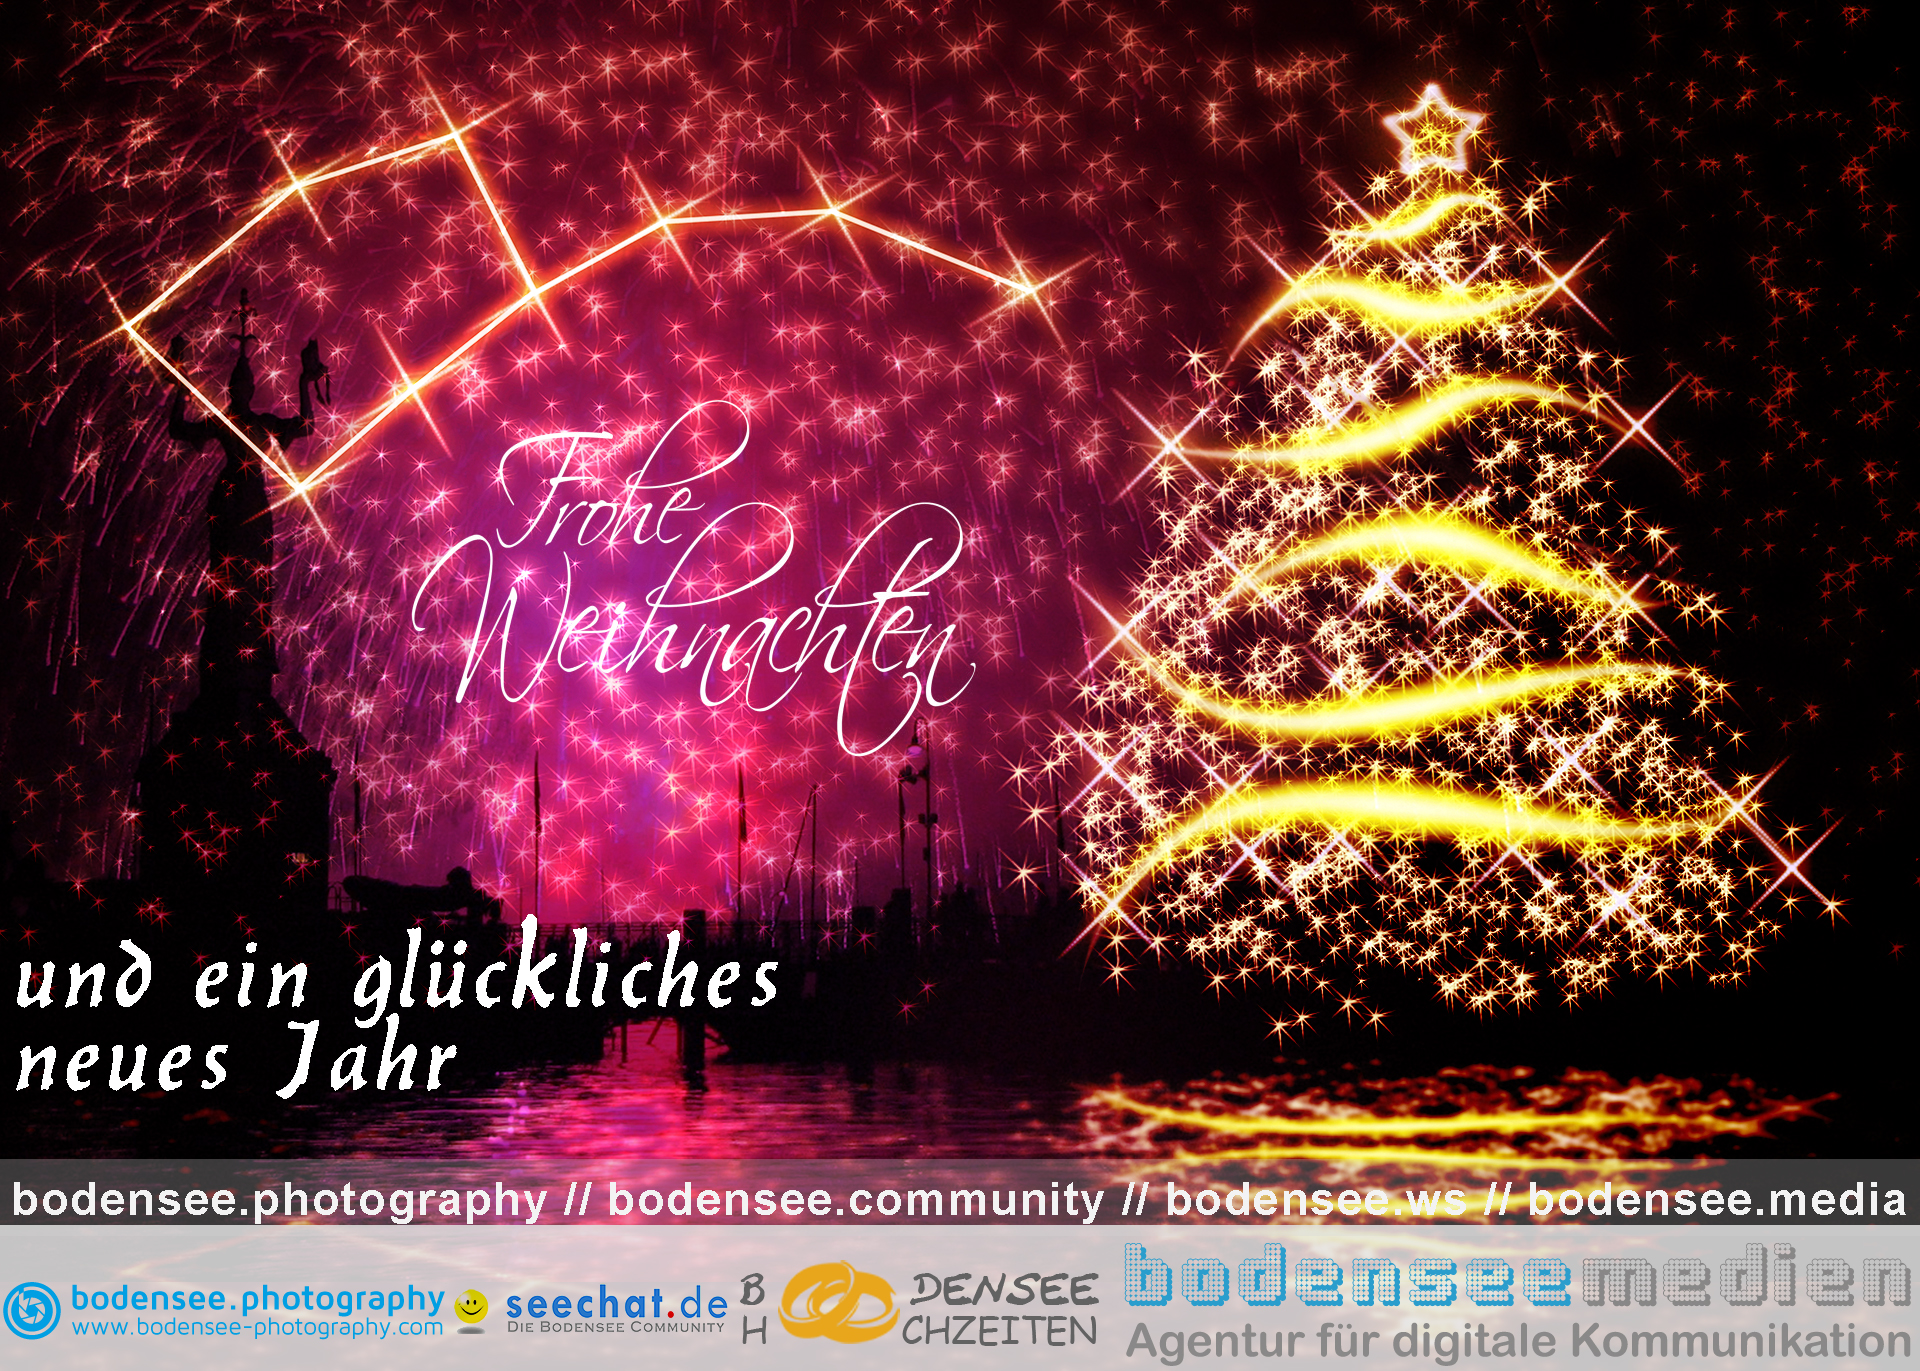 Bodensee-Hochzeiten.com wünscht ein schönes Weihnachtsfest und einen guten Rutsch ins neue Jahr